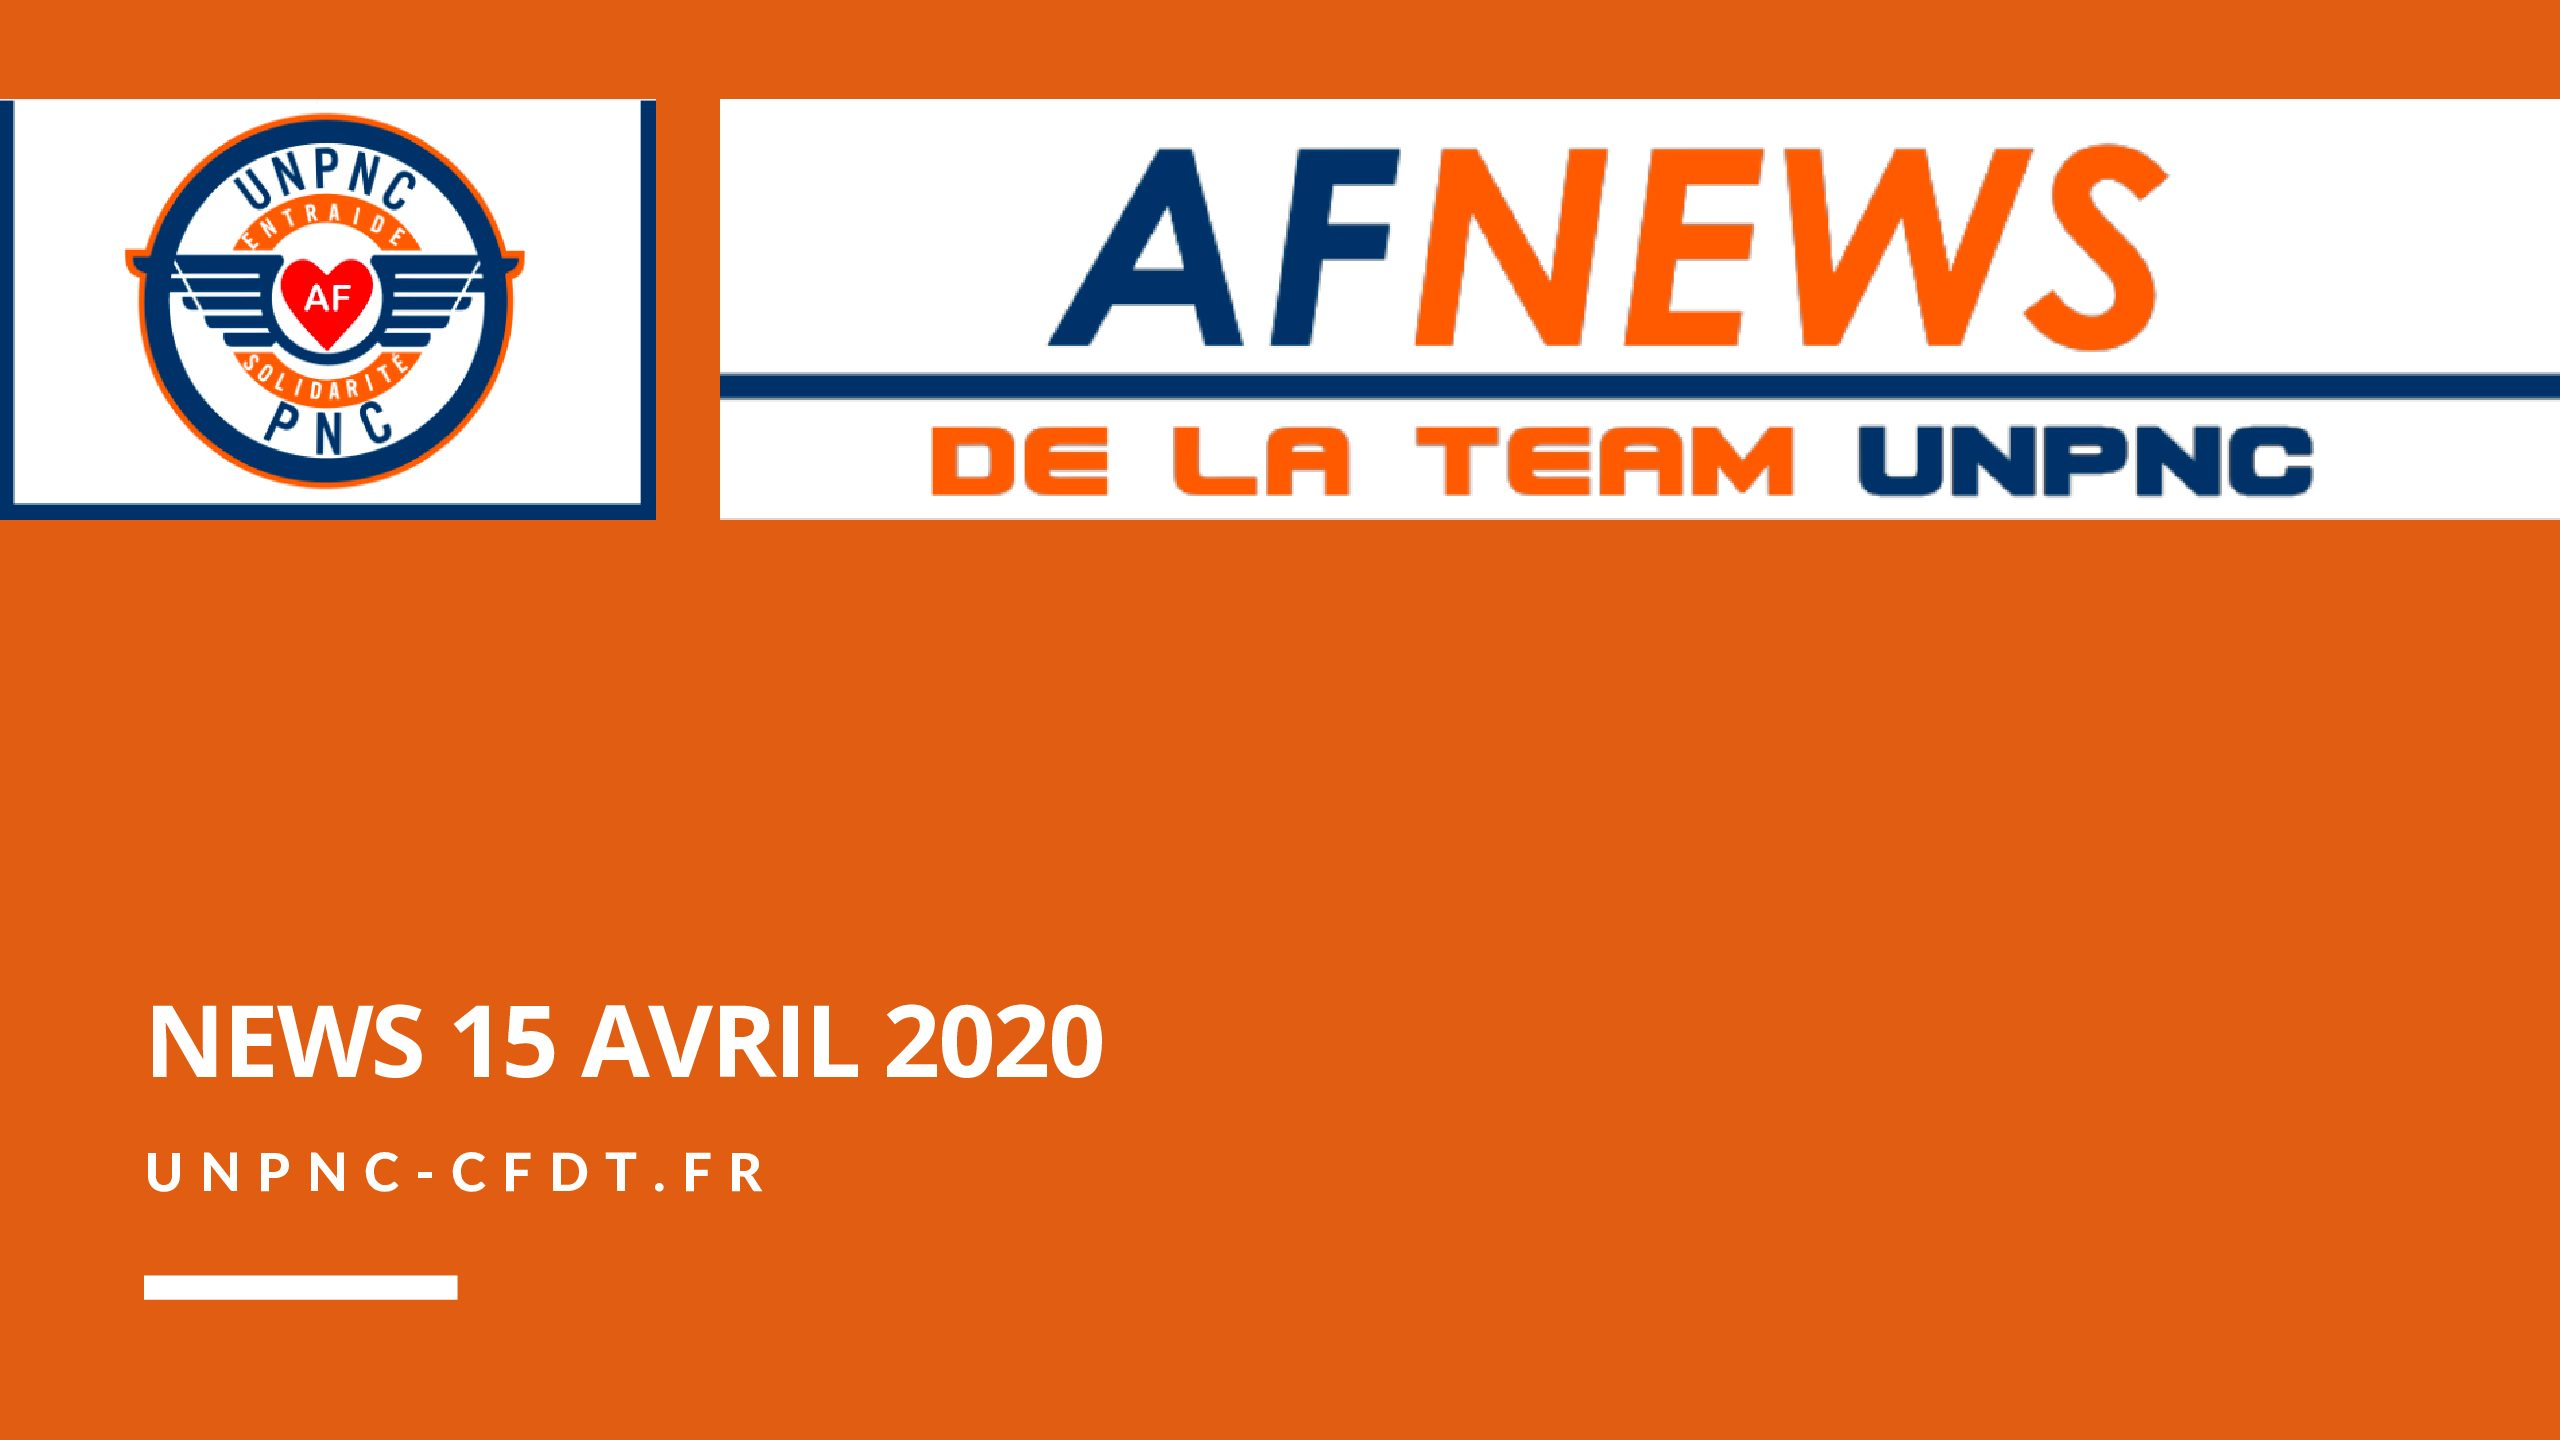 📌 AF NEWS DE LA TEAM UNPNC DU 15 AVRIL 2020❗